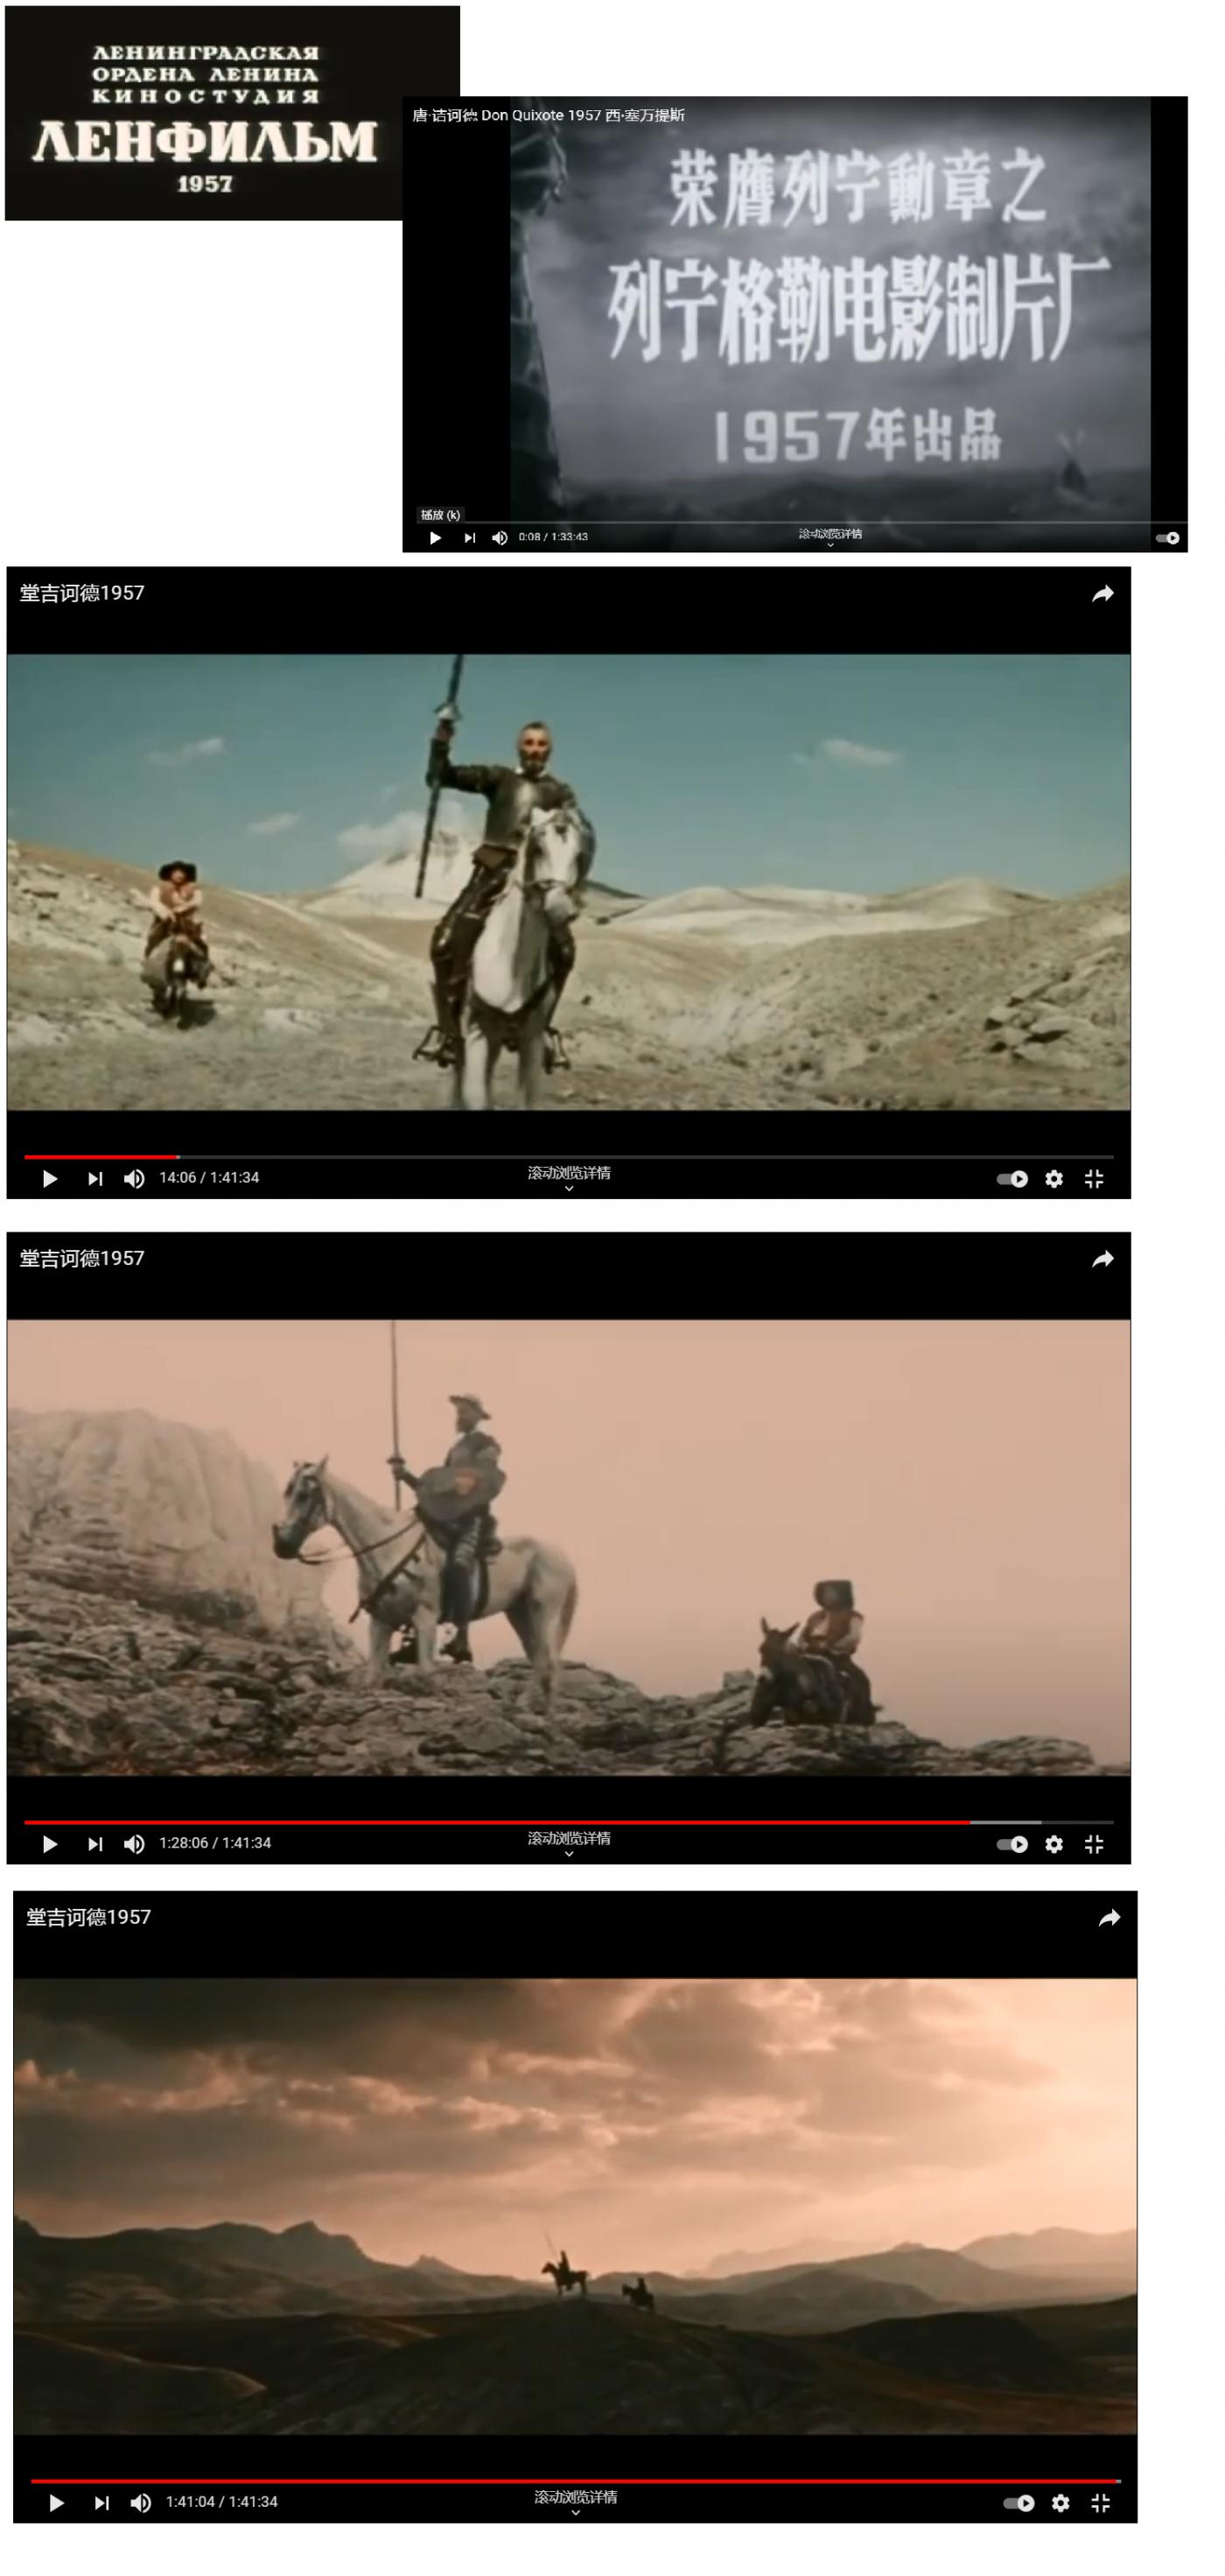 骑士与侠客_图1-1